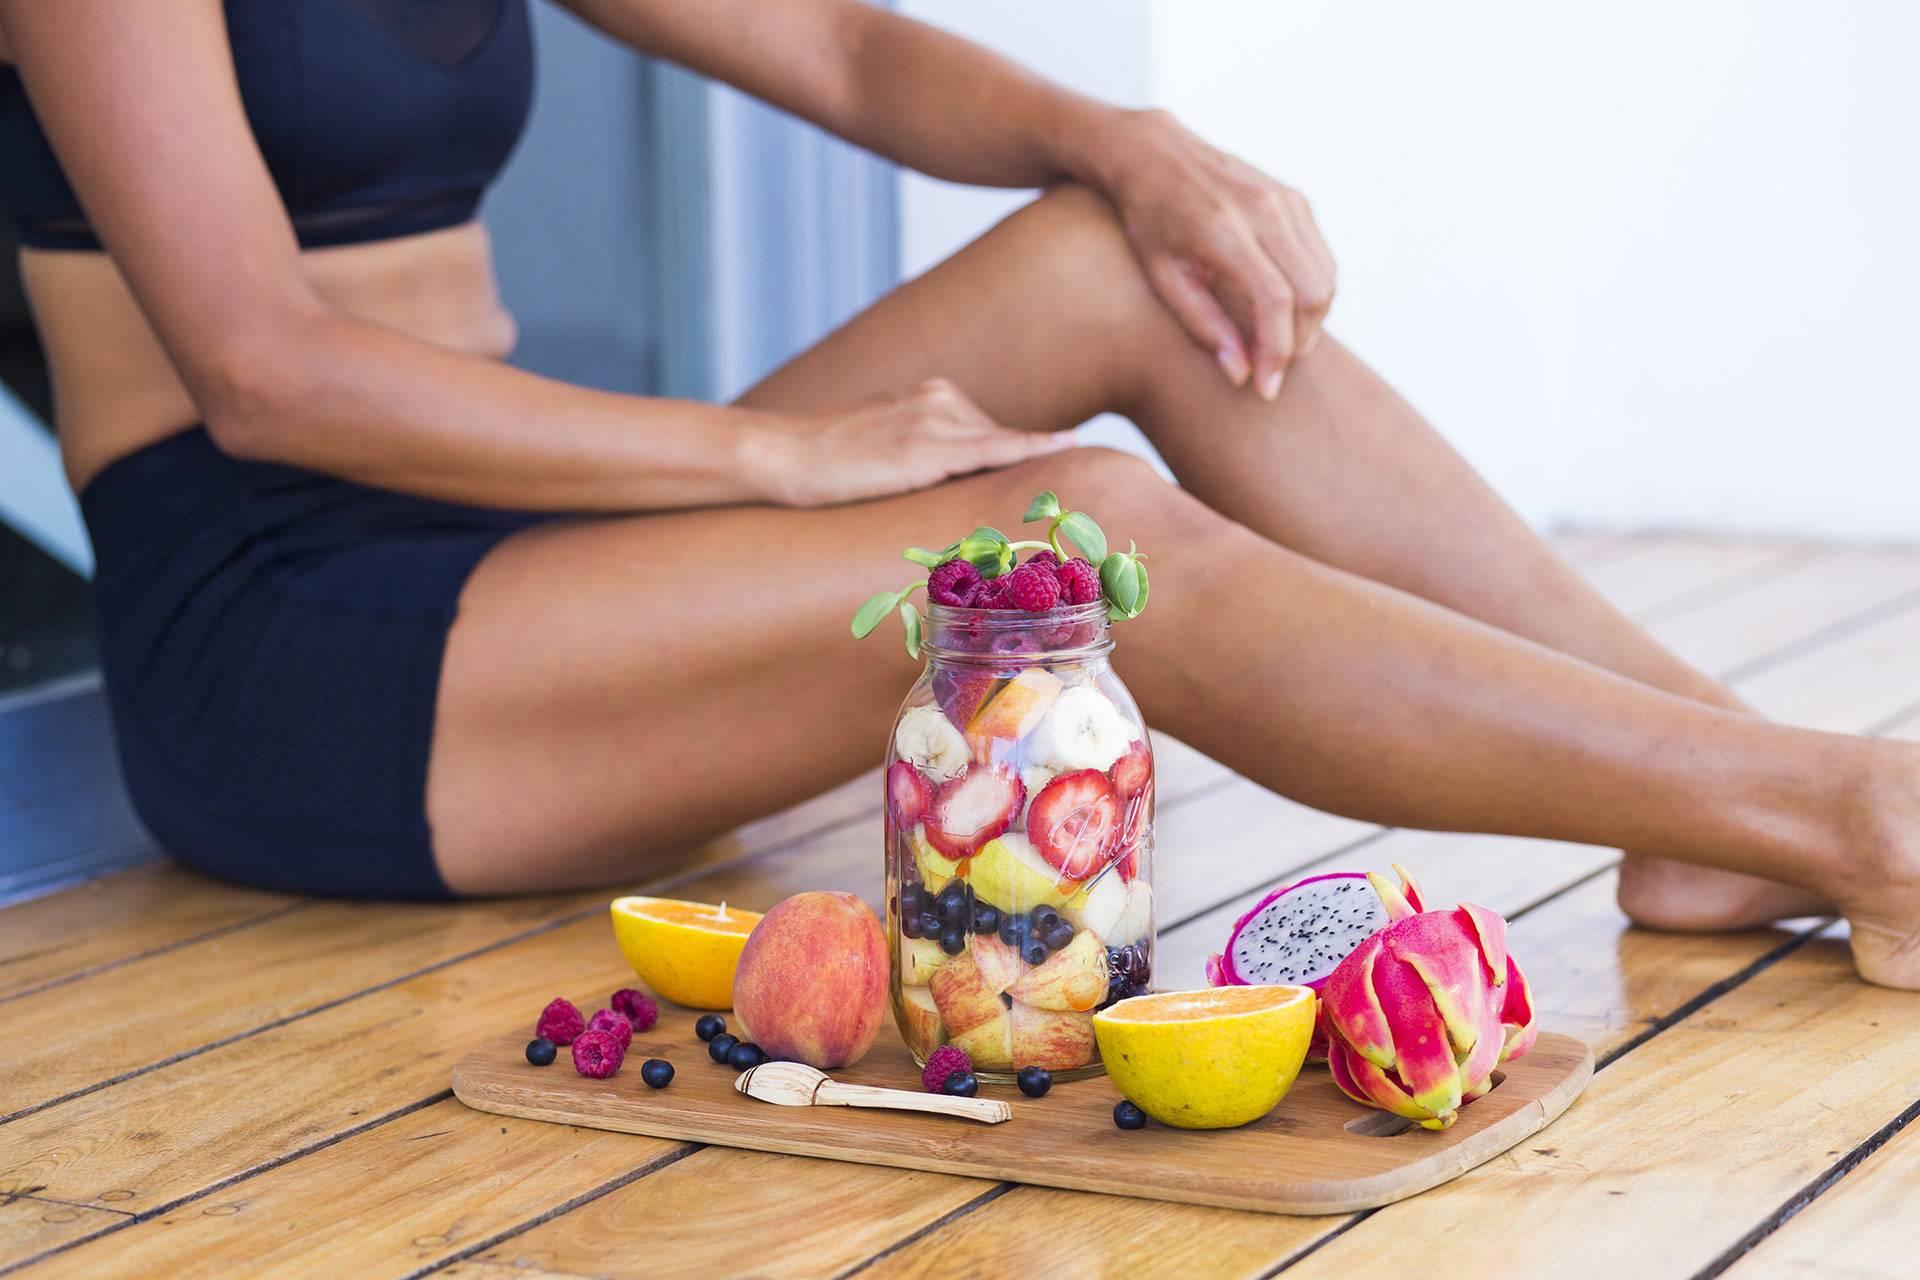 Какое спортивное питание подходит для похудения?